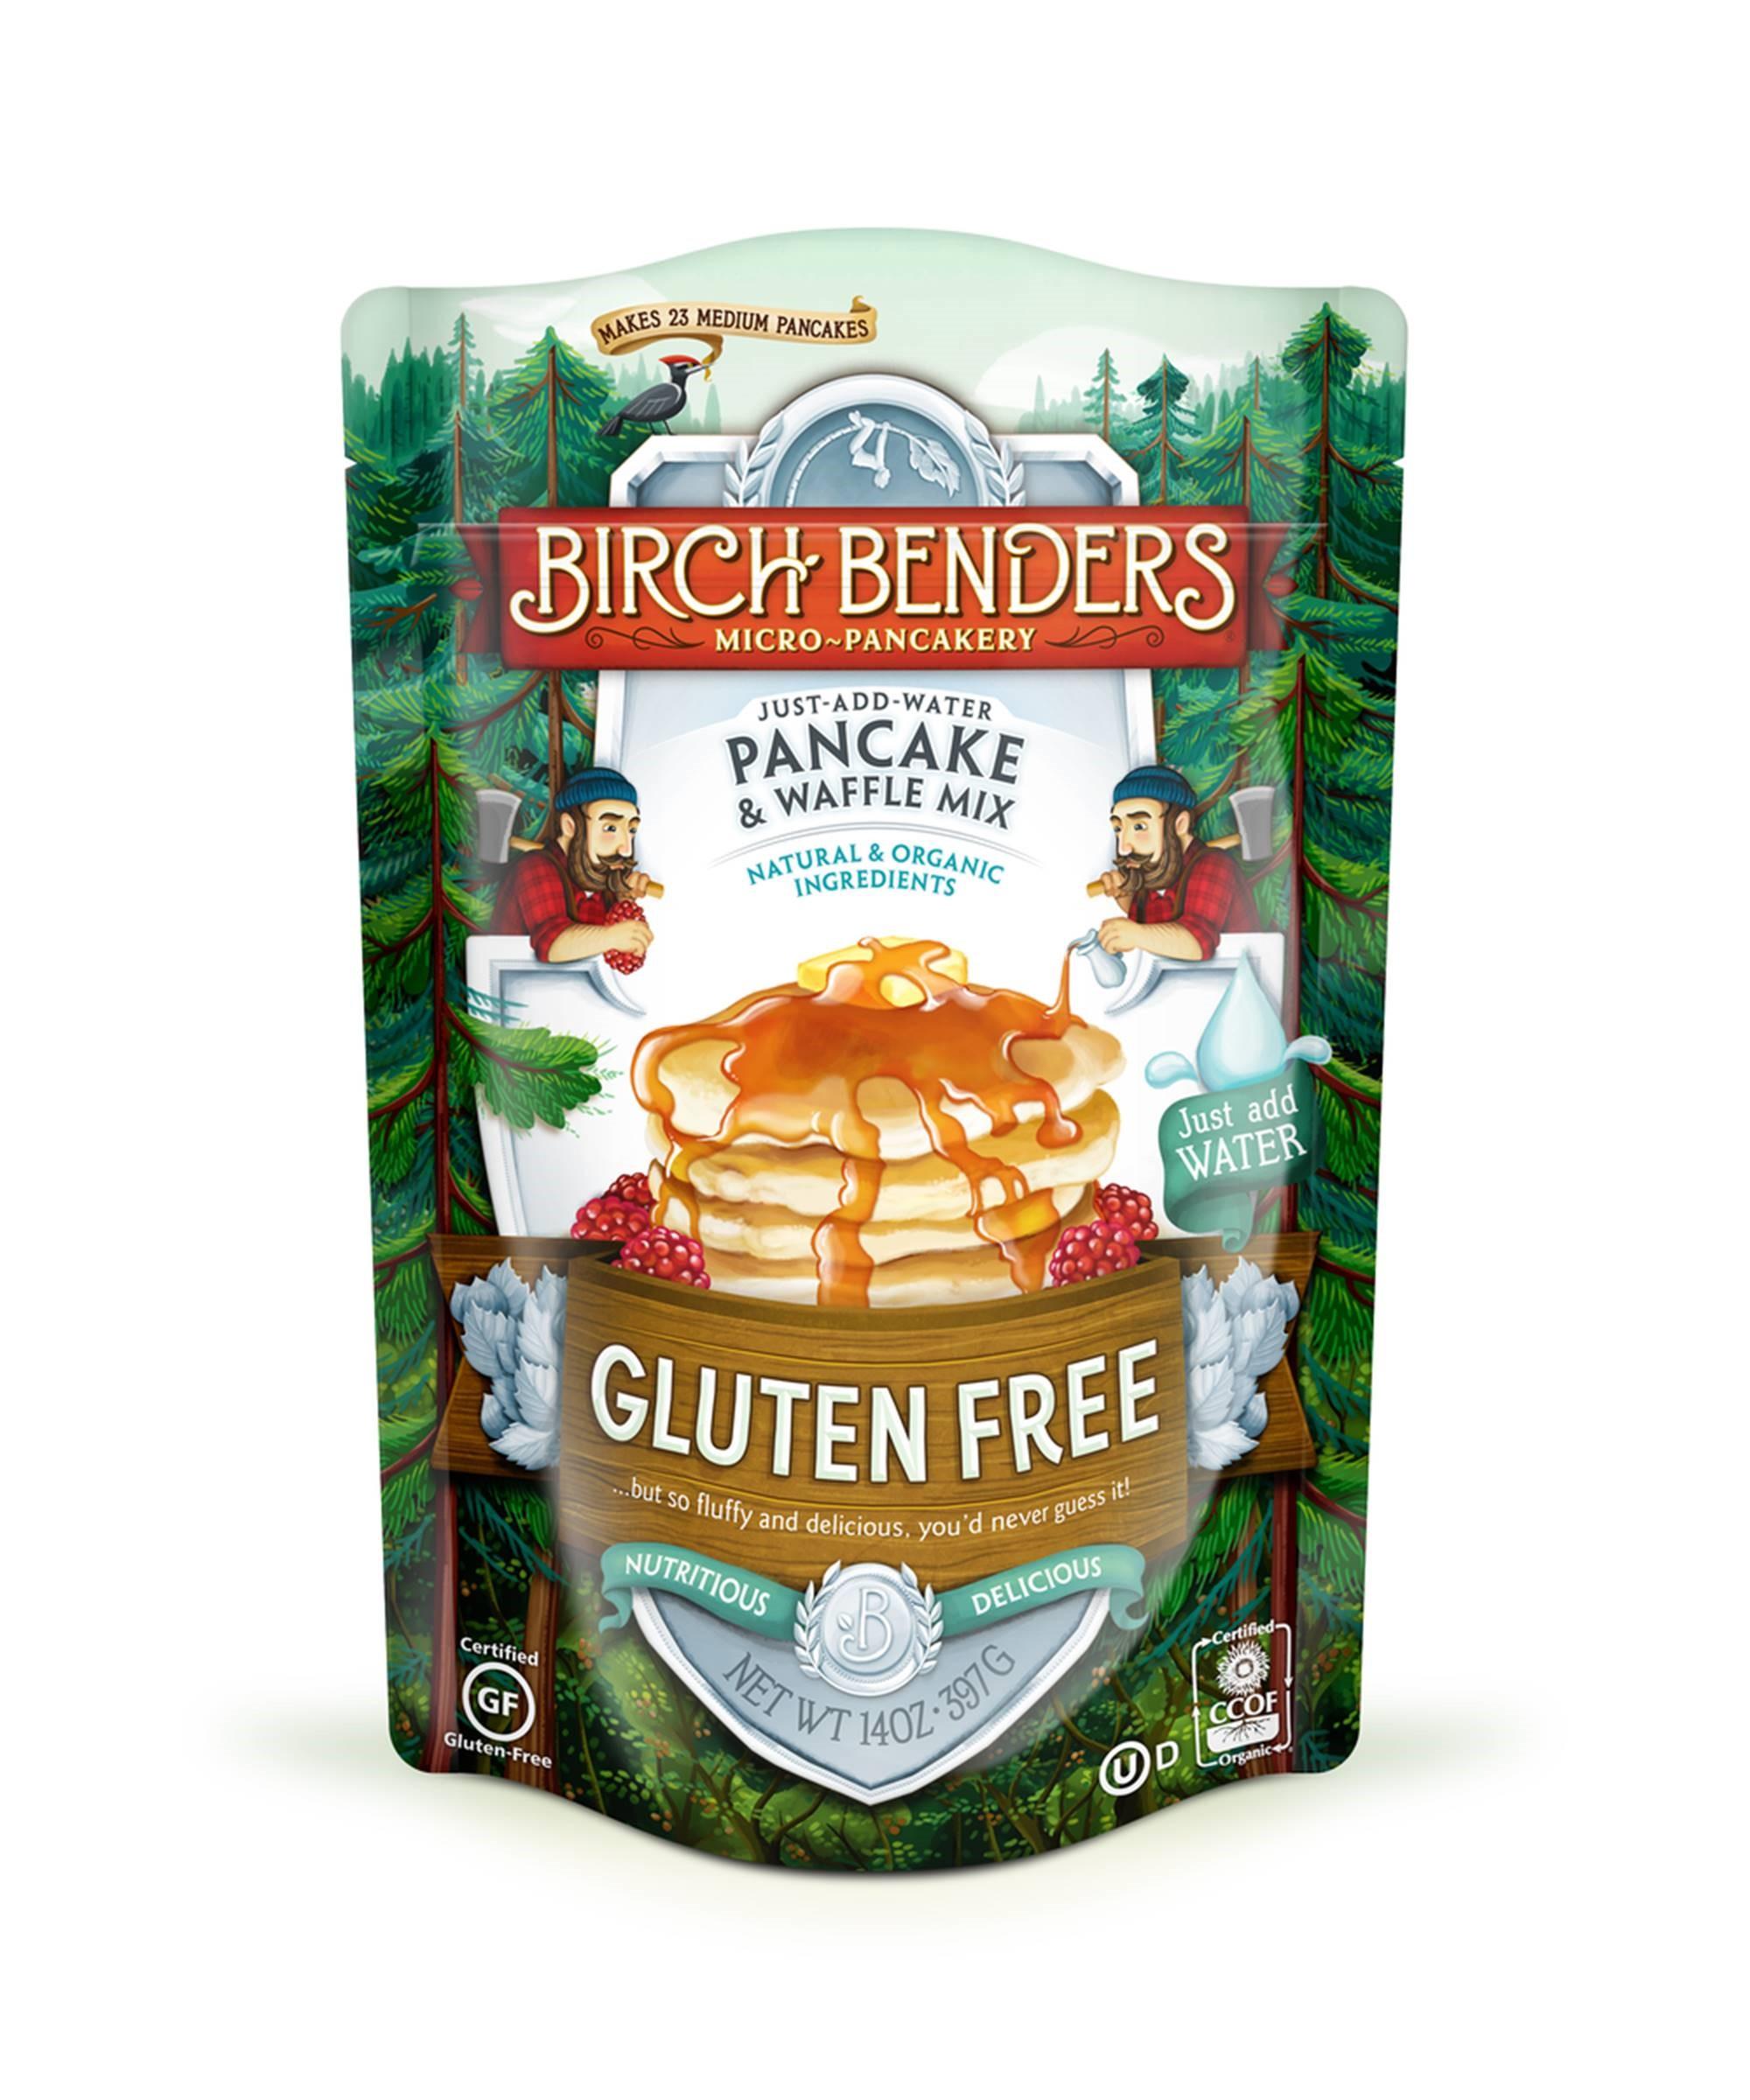 Birch Benders Paleo Pancake and Waffle Mix2